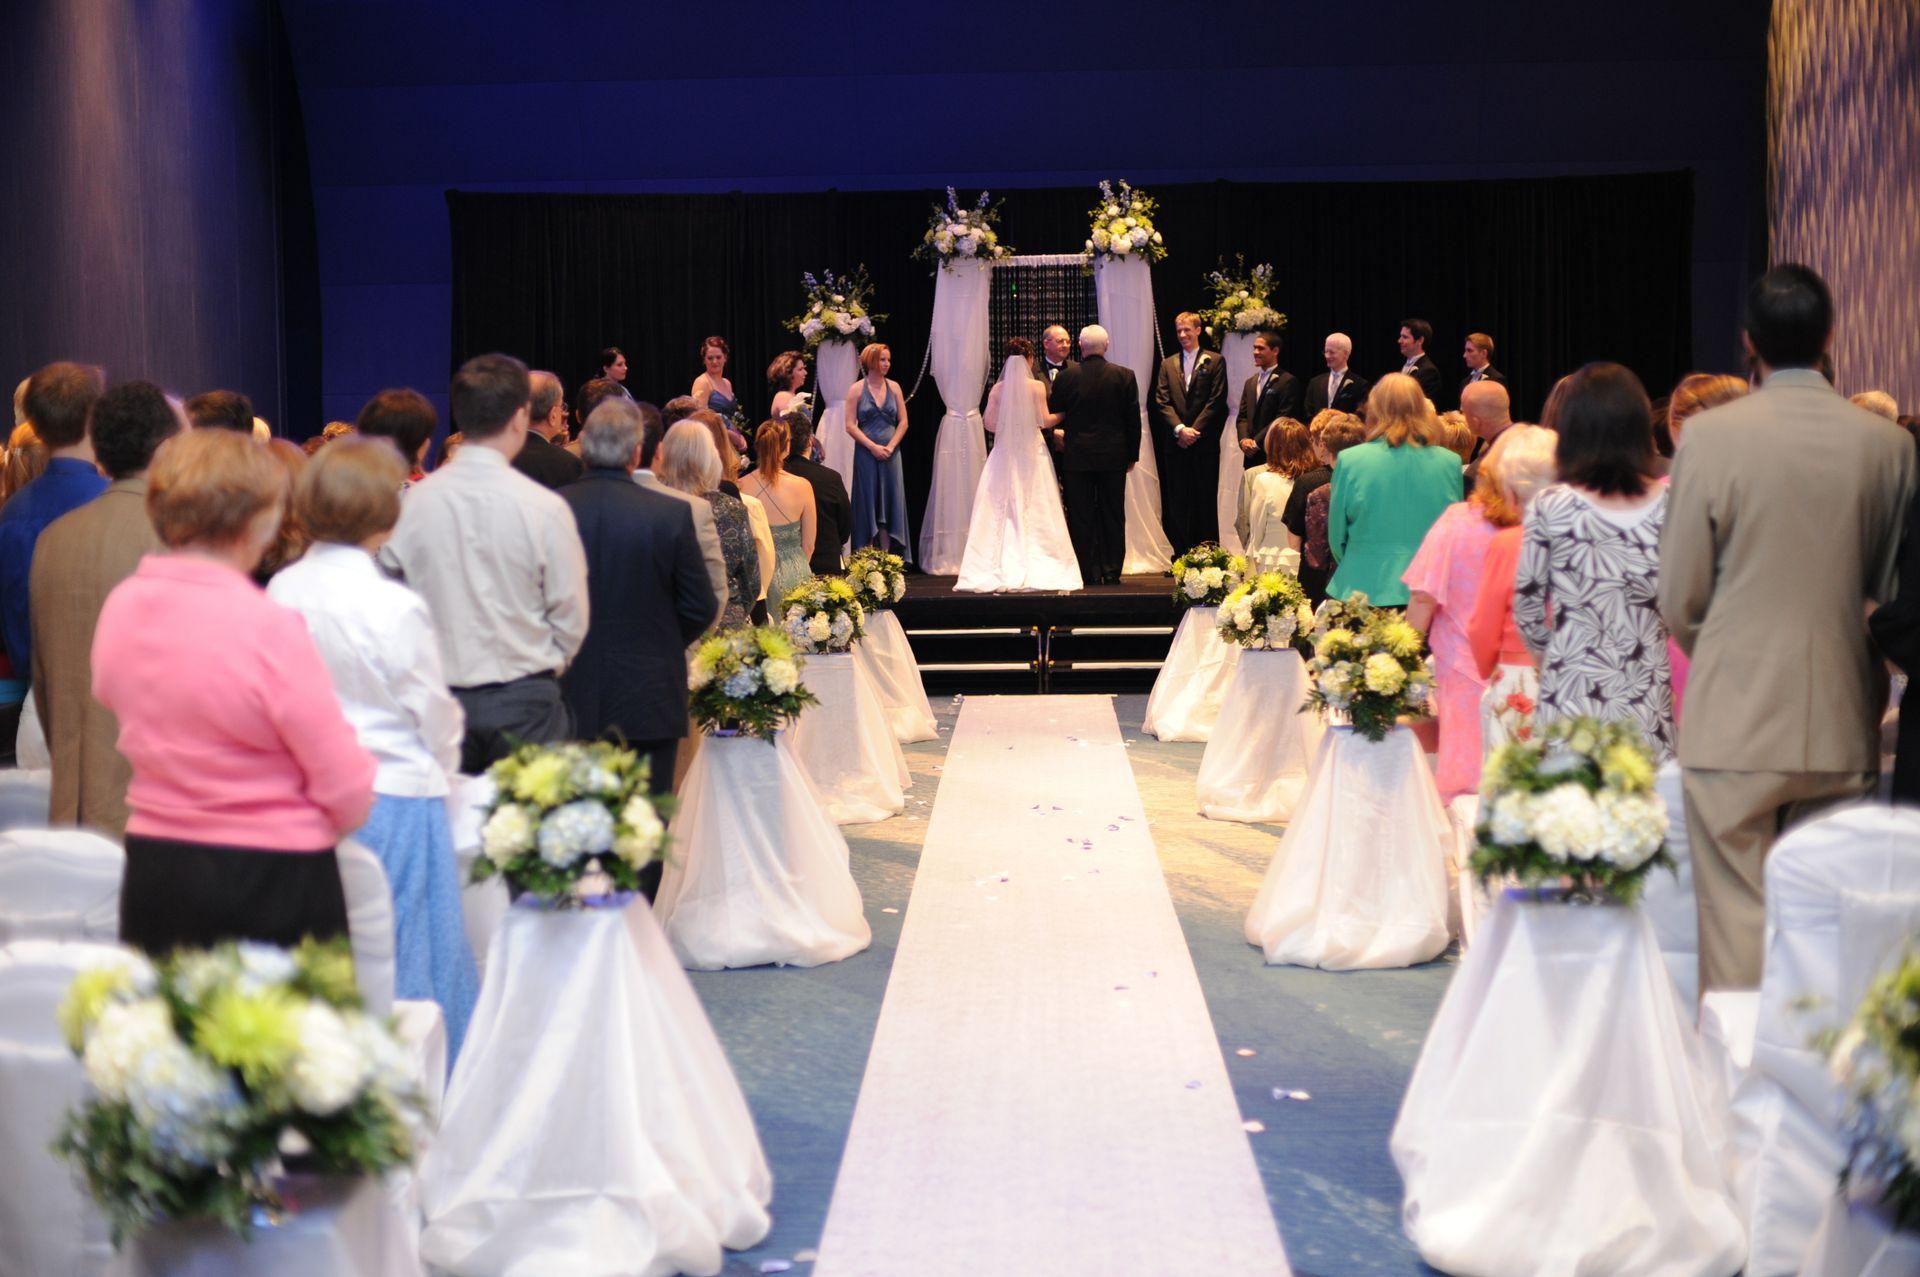 Atlantic Room - Wedding ceremony